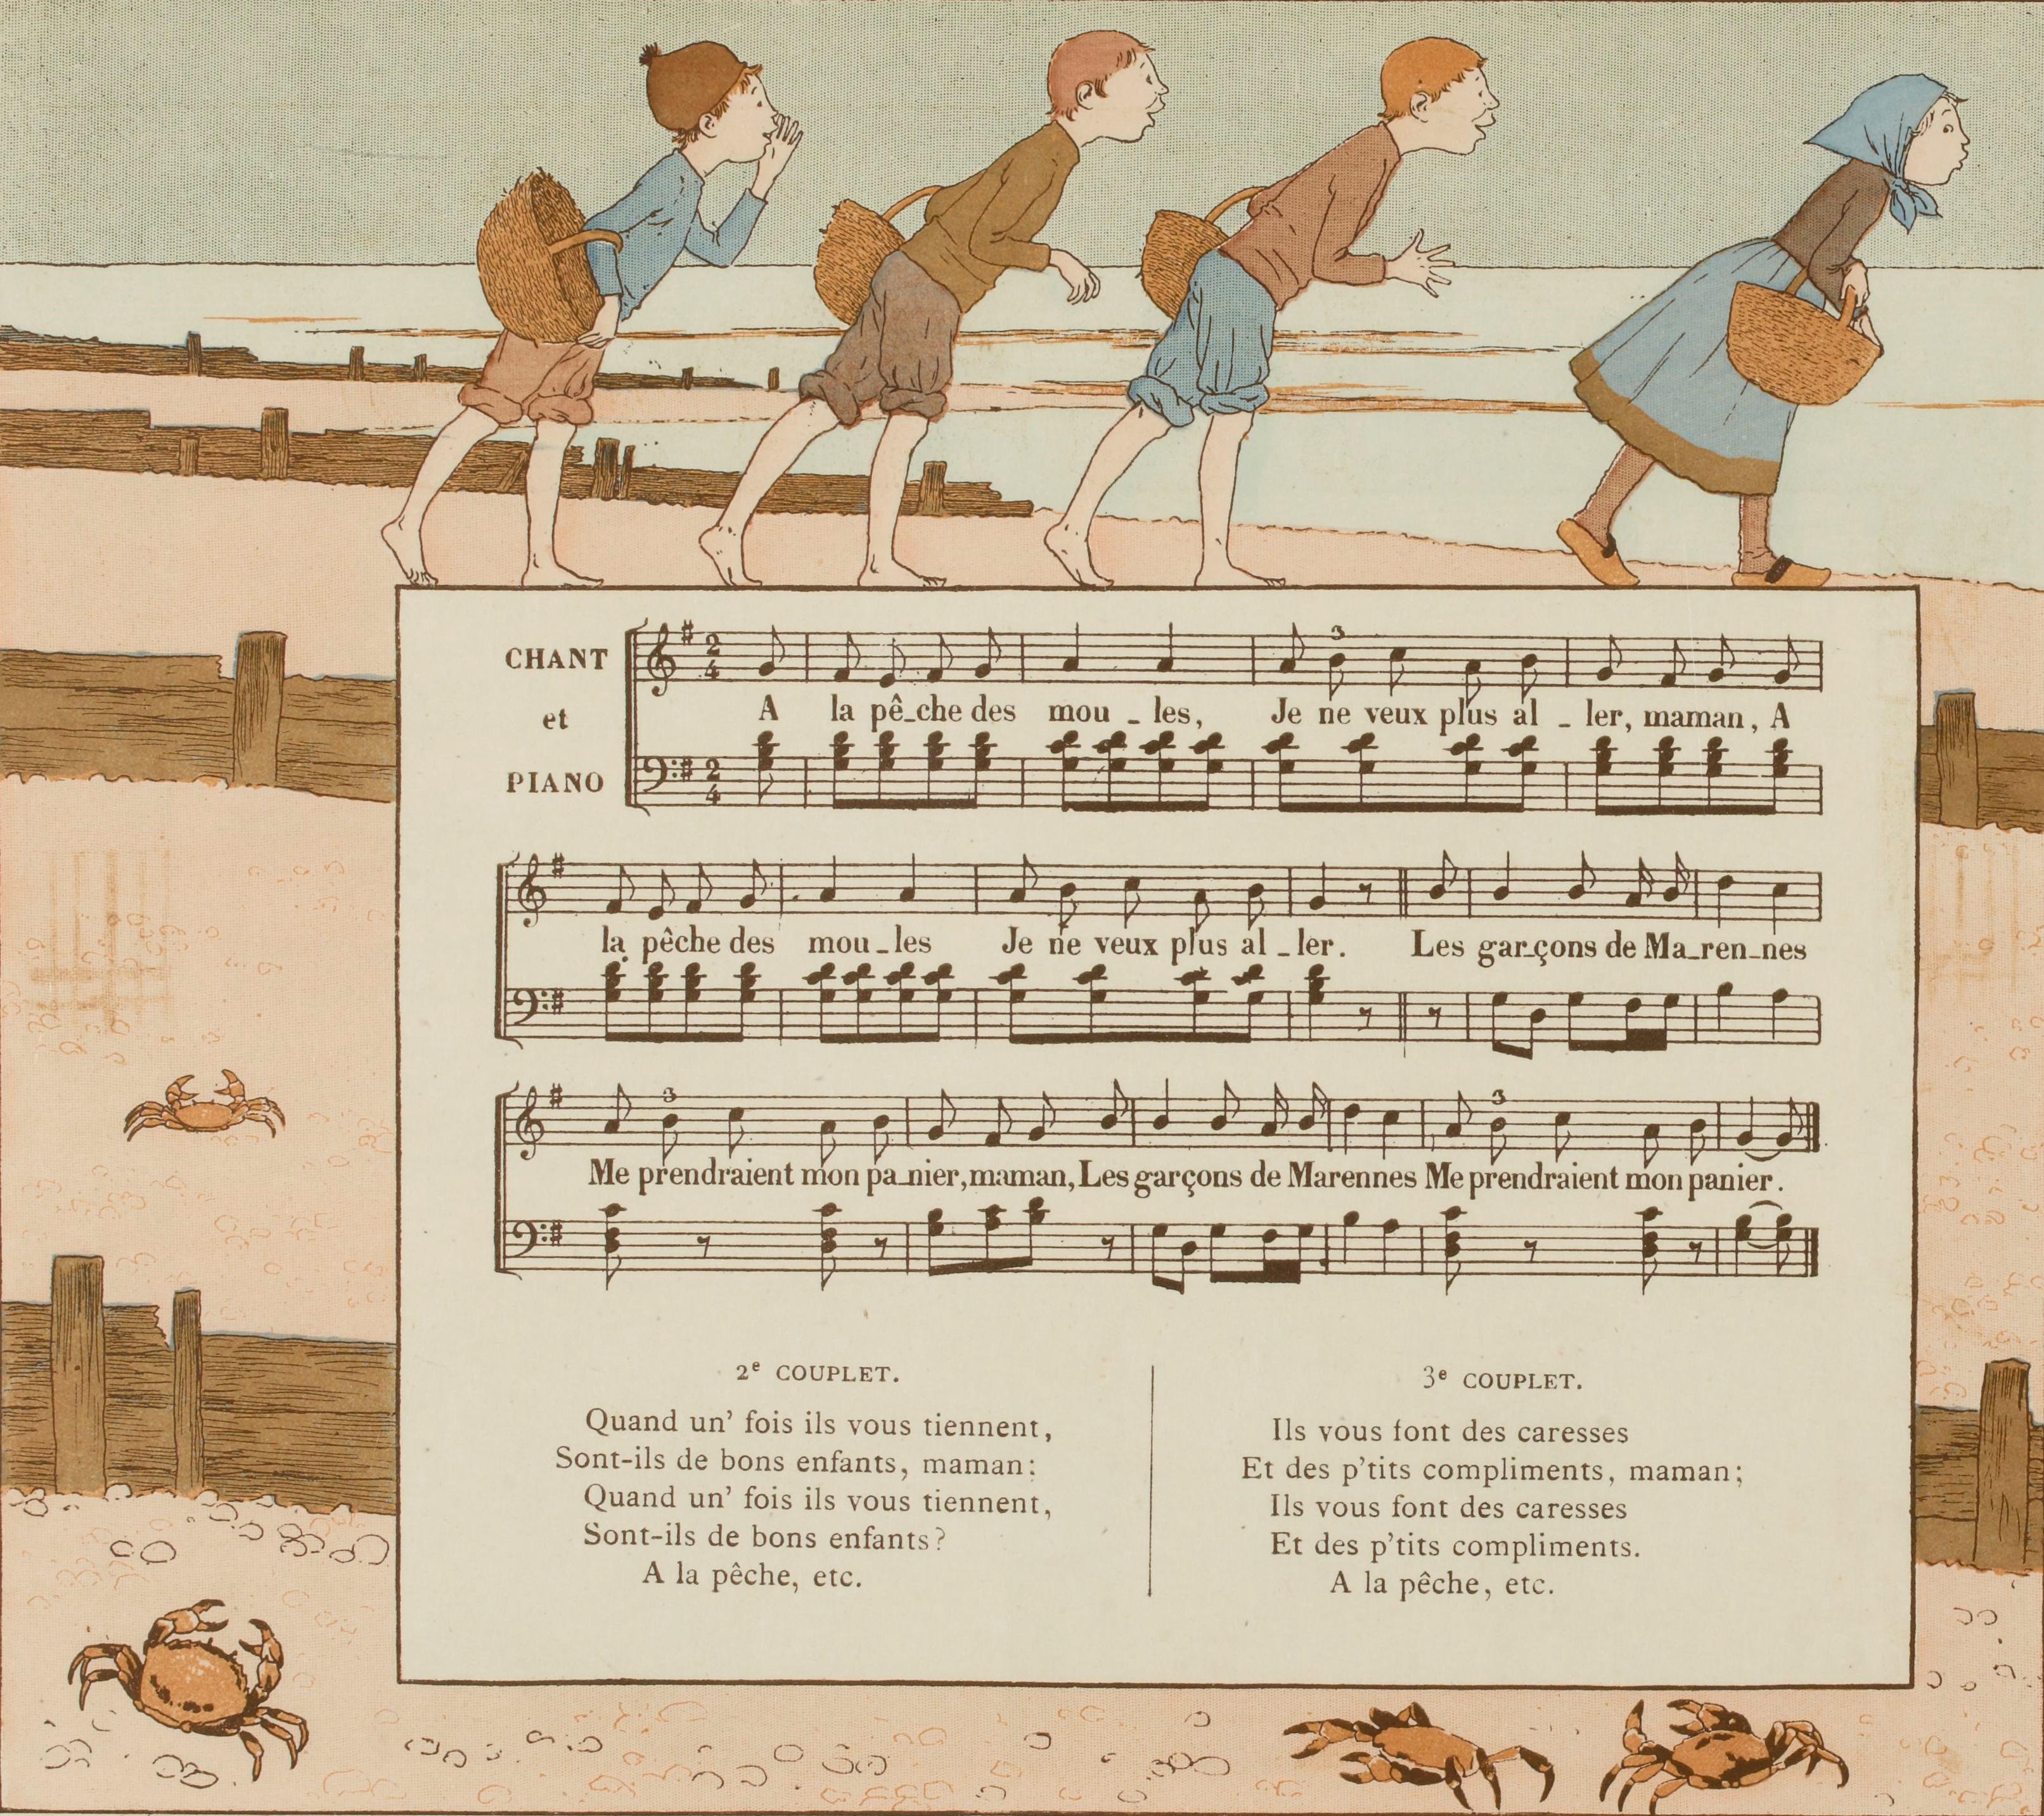 Pêche_des_moules_(chanson_française).jpg